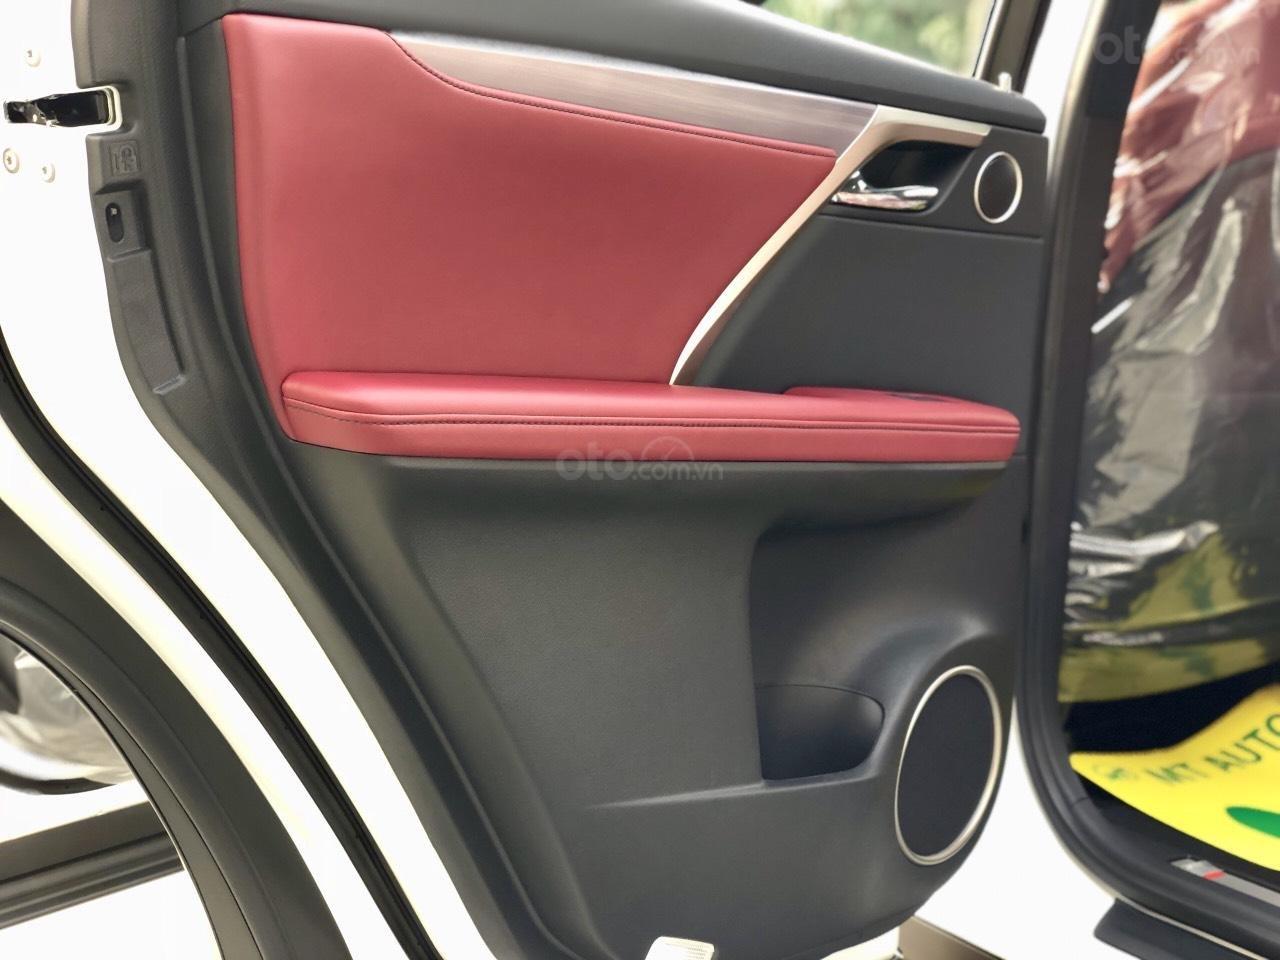 Bán Lexus RX Fsport sản xuất năm 2019, xe nhập Mỹ LH 0945.39.2468 Ms Hương (19)